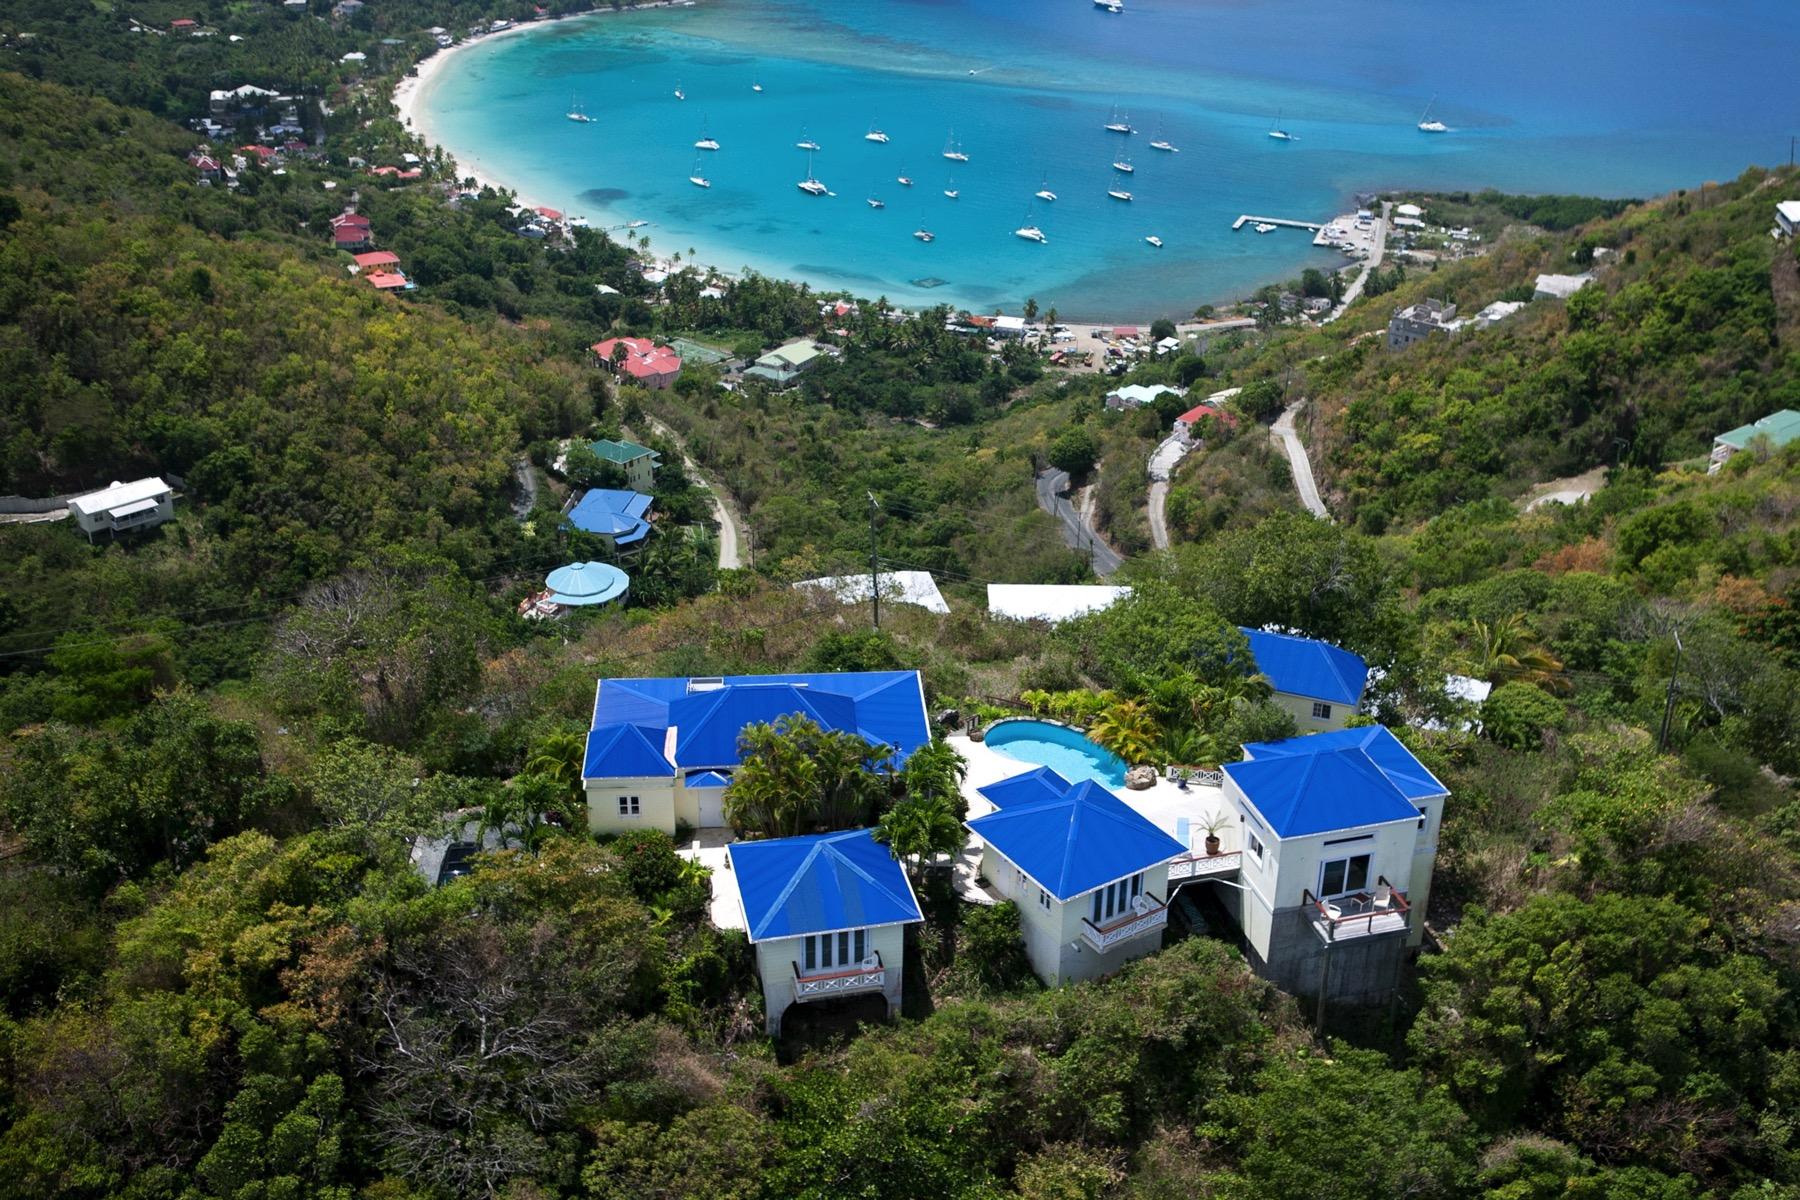 独户住宅 为 销售 在 Bay Watch Brewers Bay, 托尔托拉 英属维尔京群岛